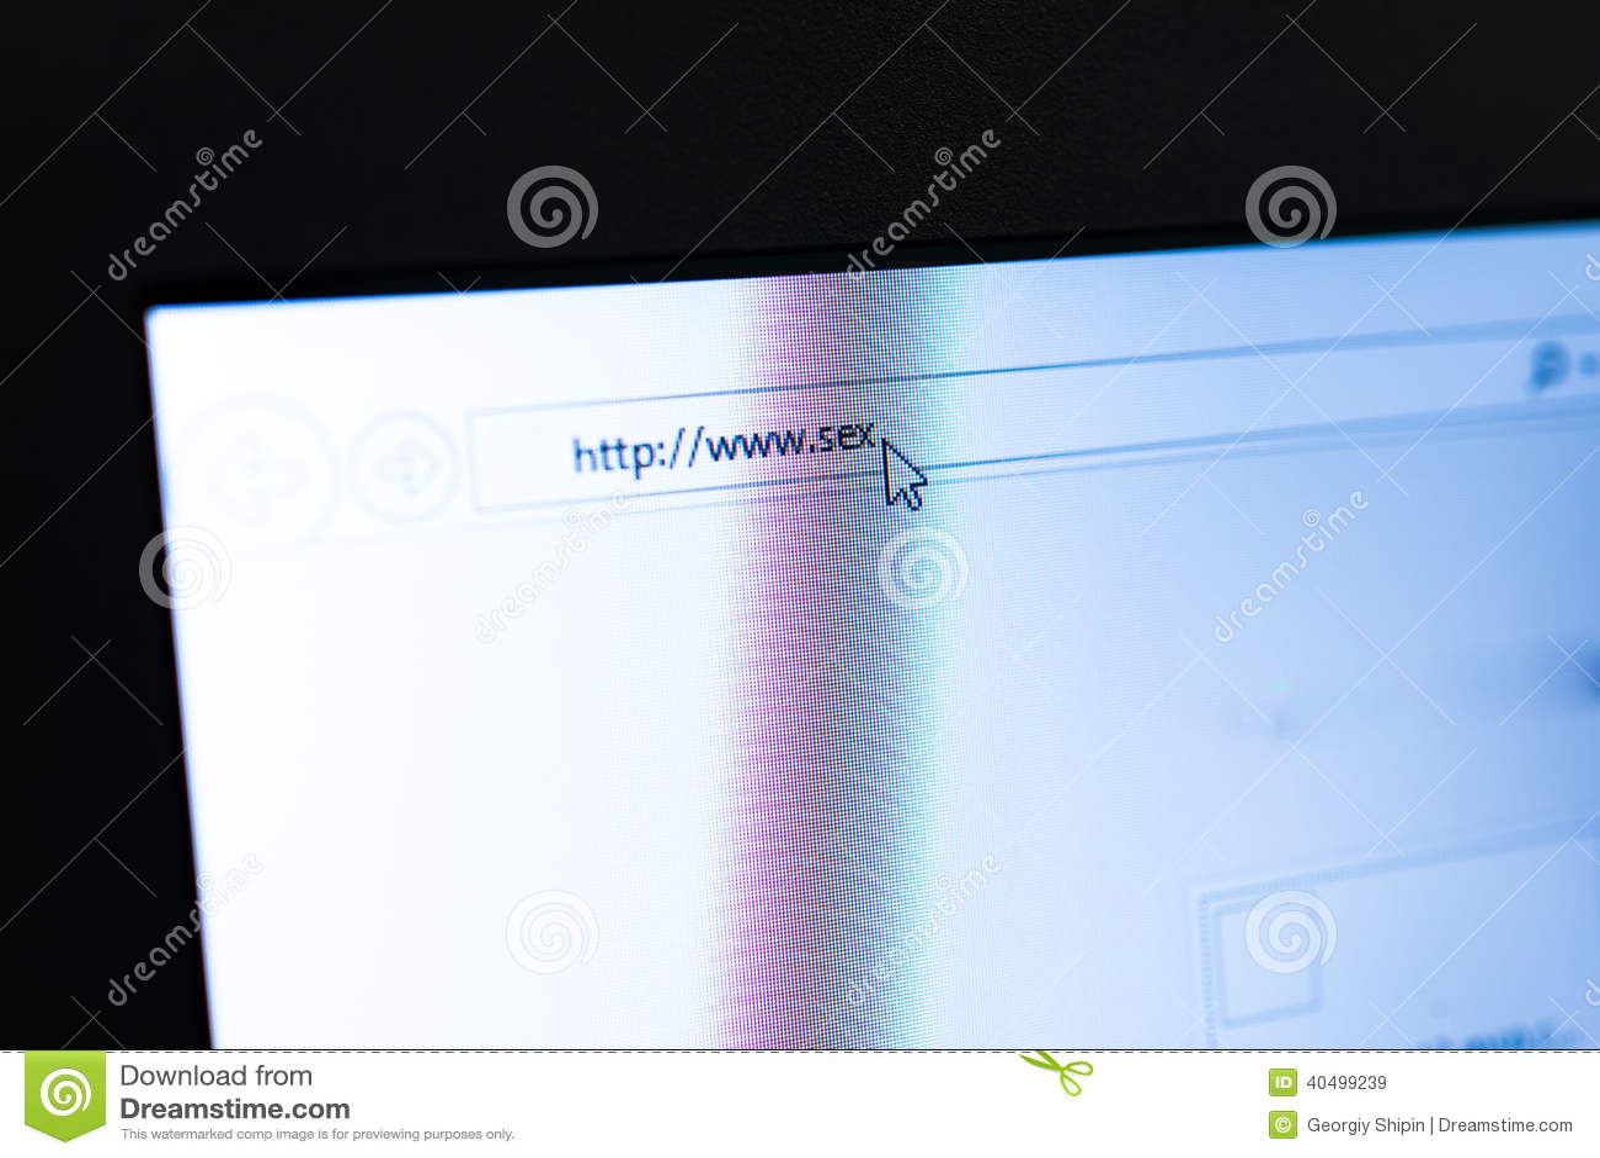 Websearch sex